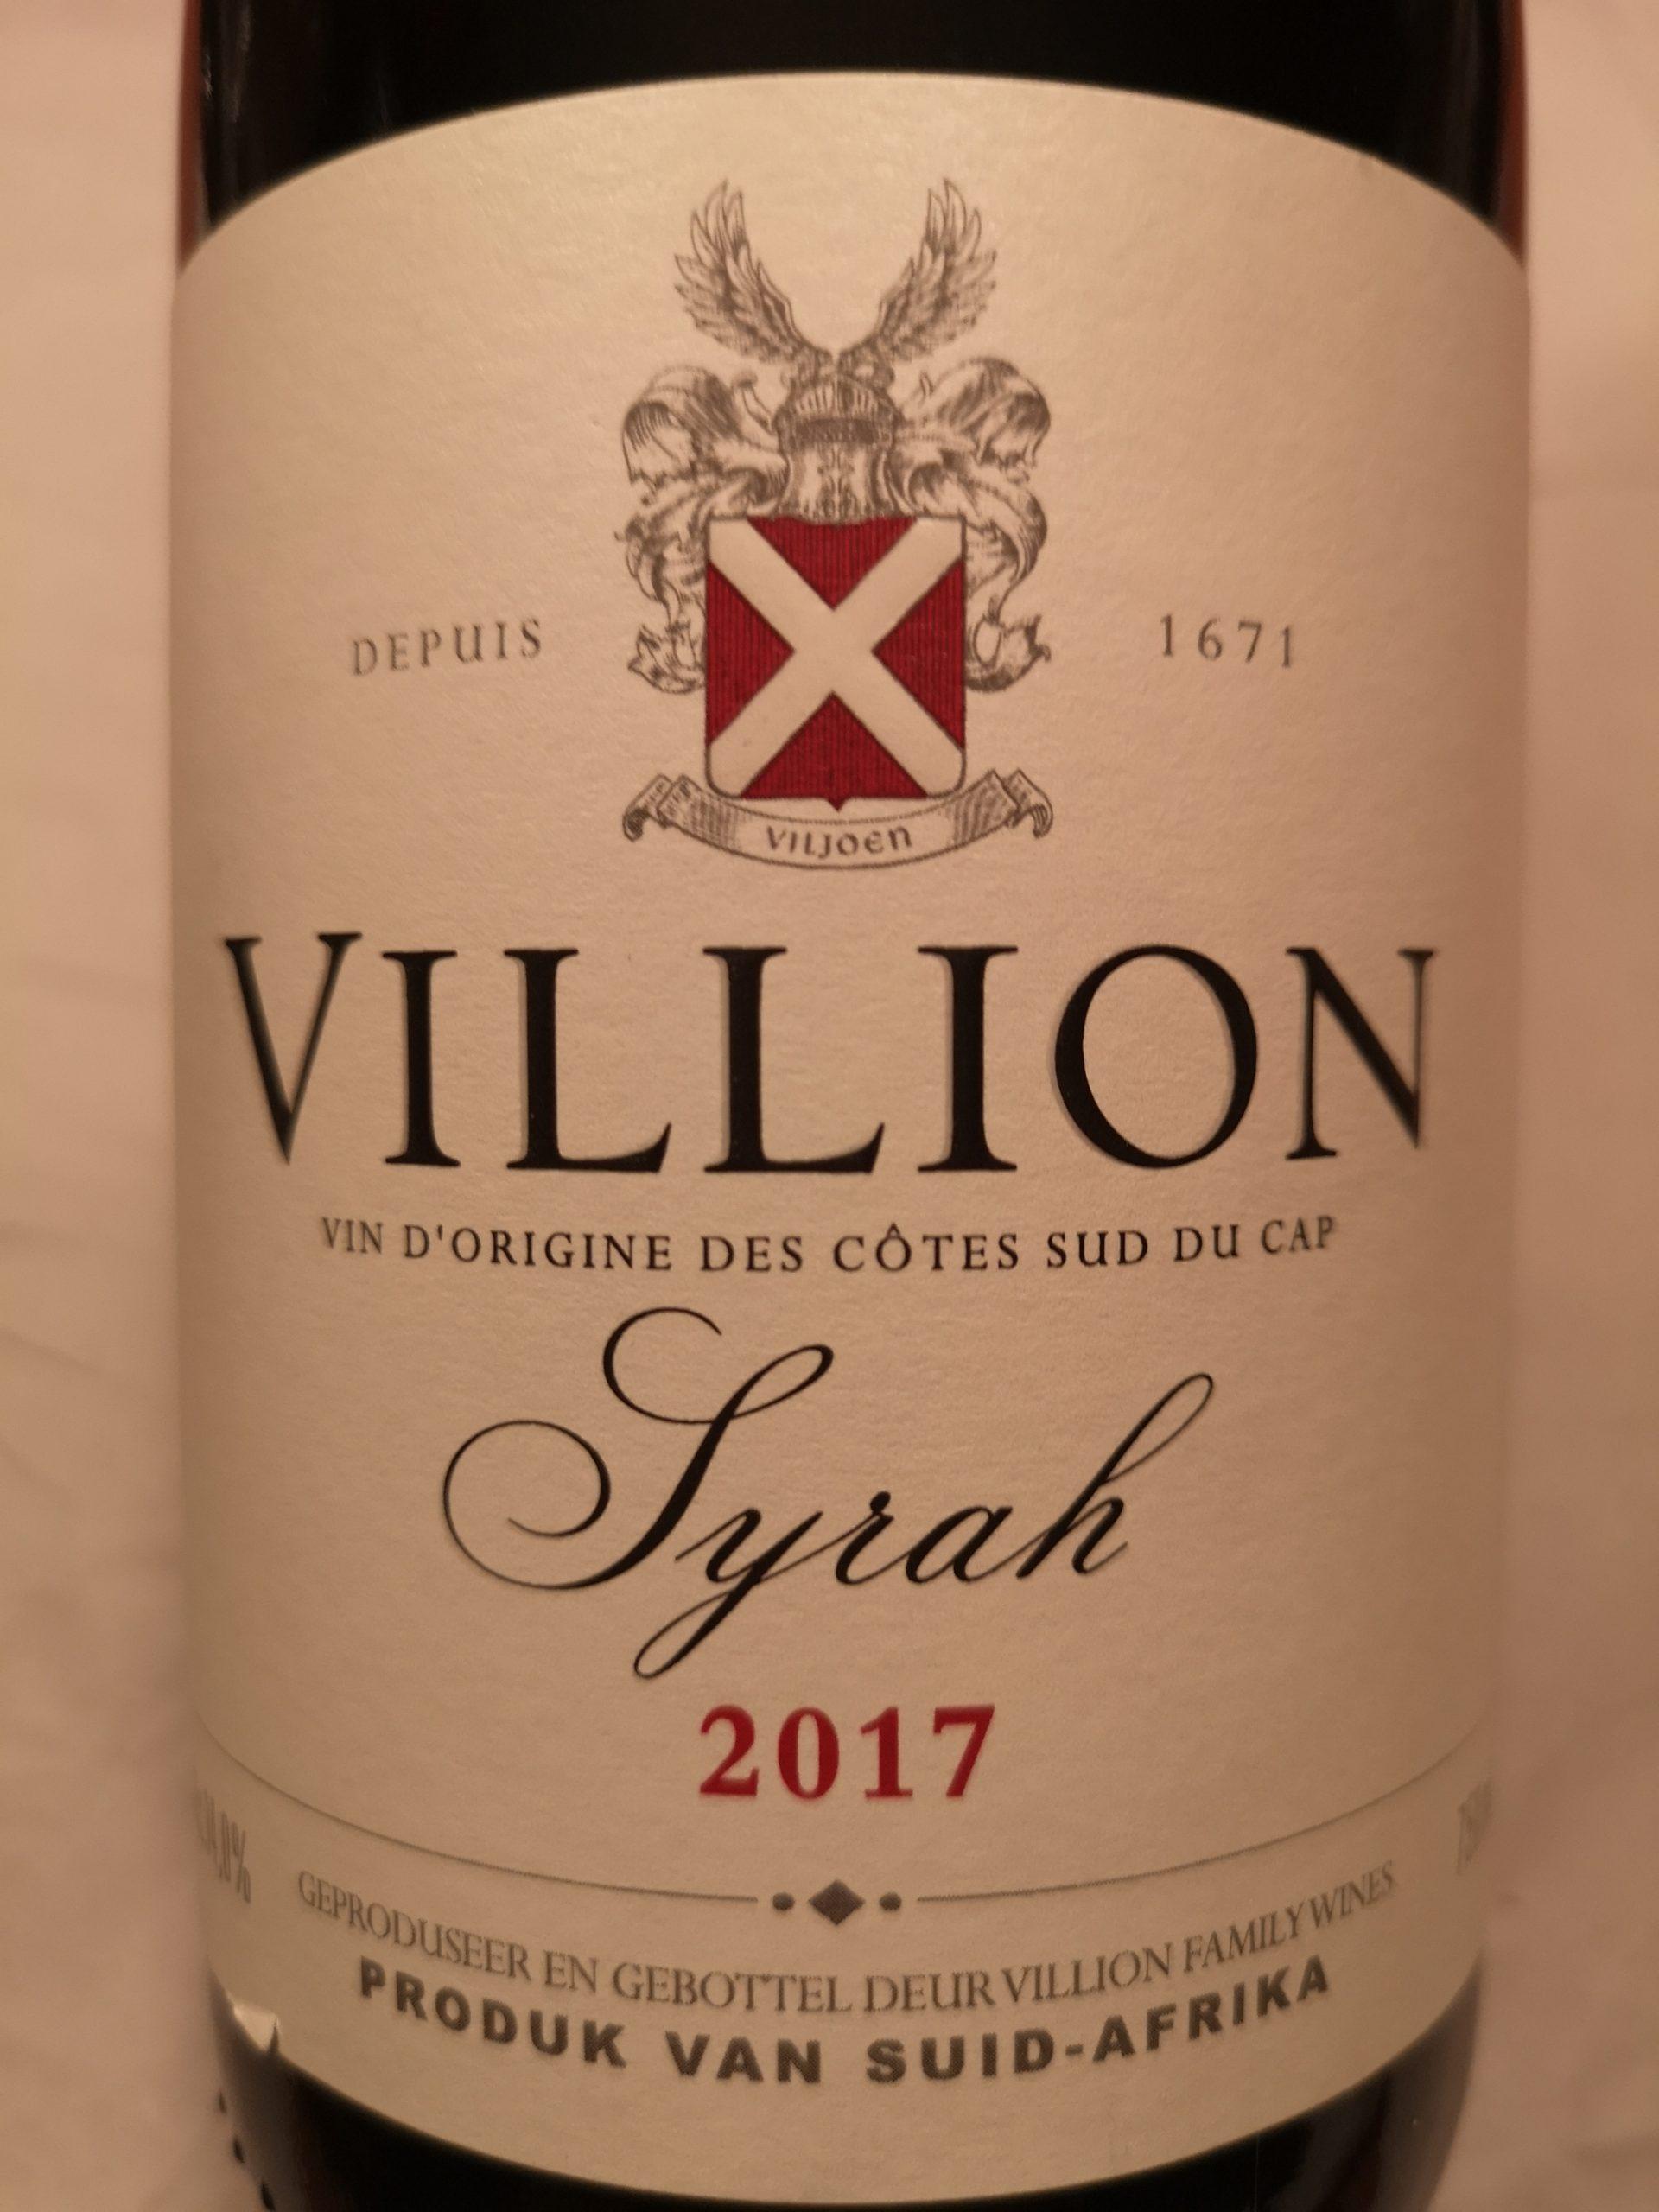 2017 Syrah | Villion